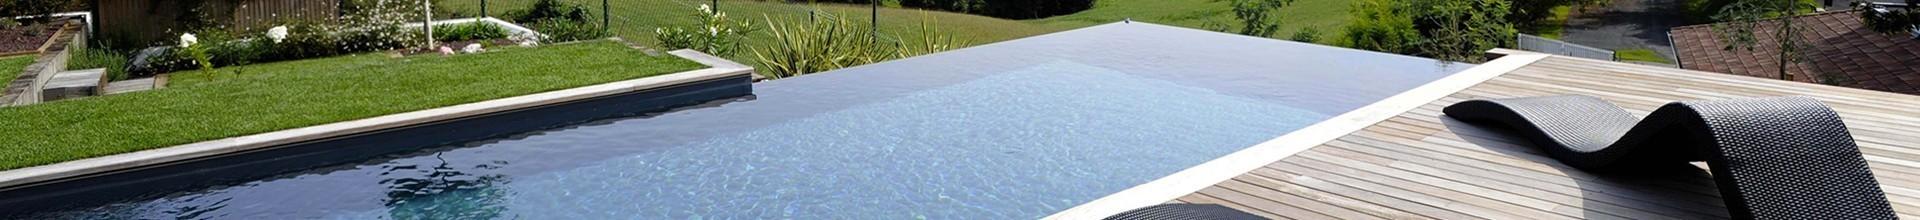 ✅  Auvergne Cantal Fabricant d'une piscine révolutionnaire, innovante